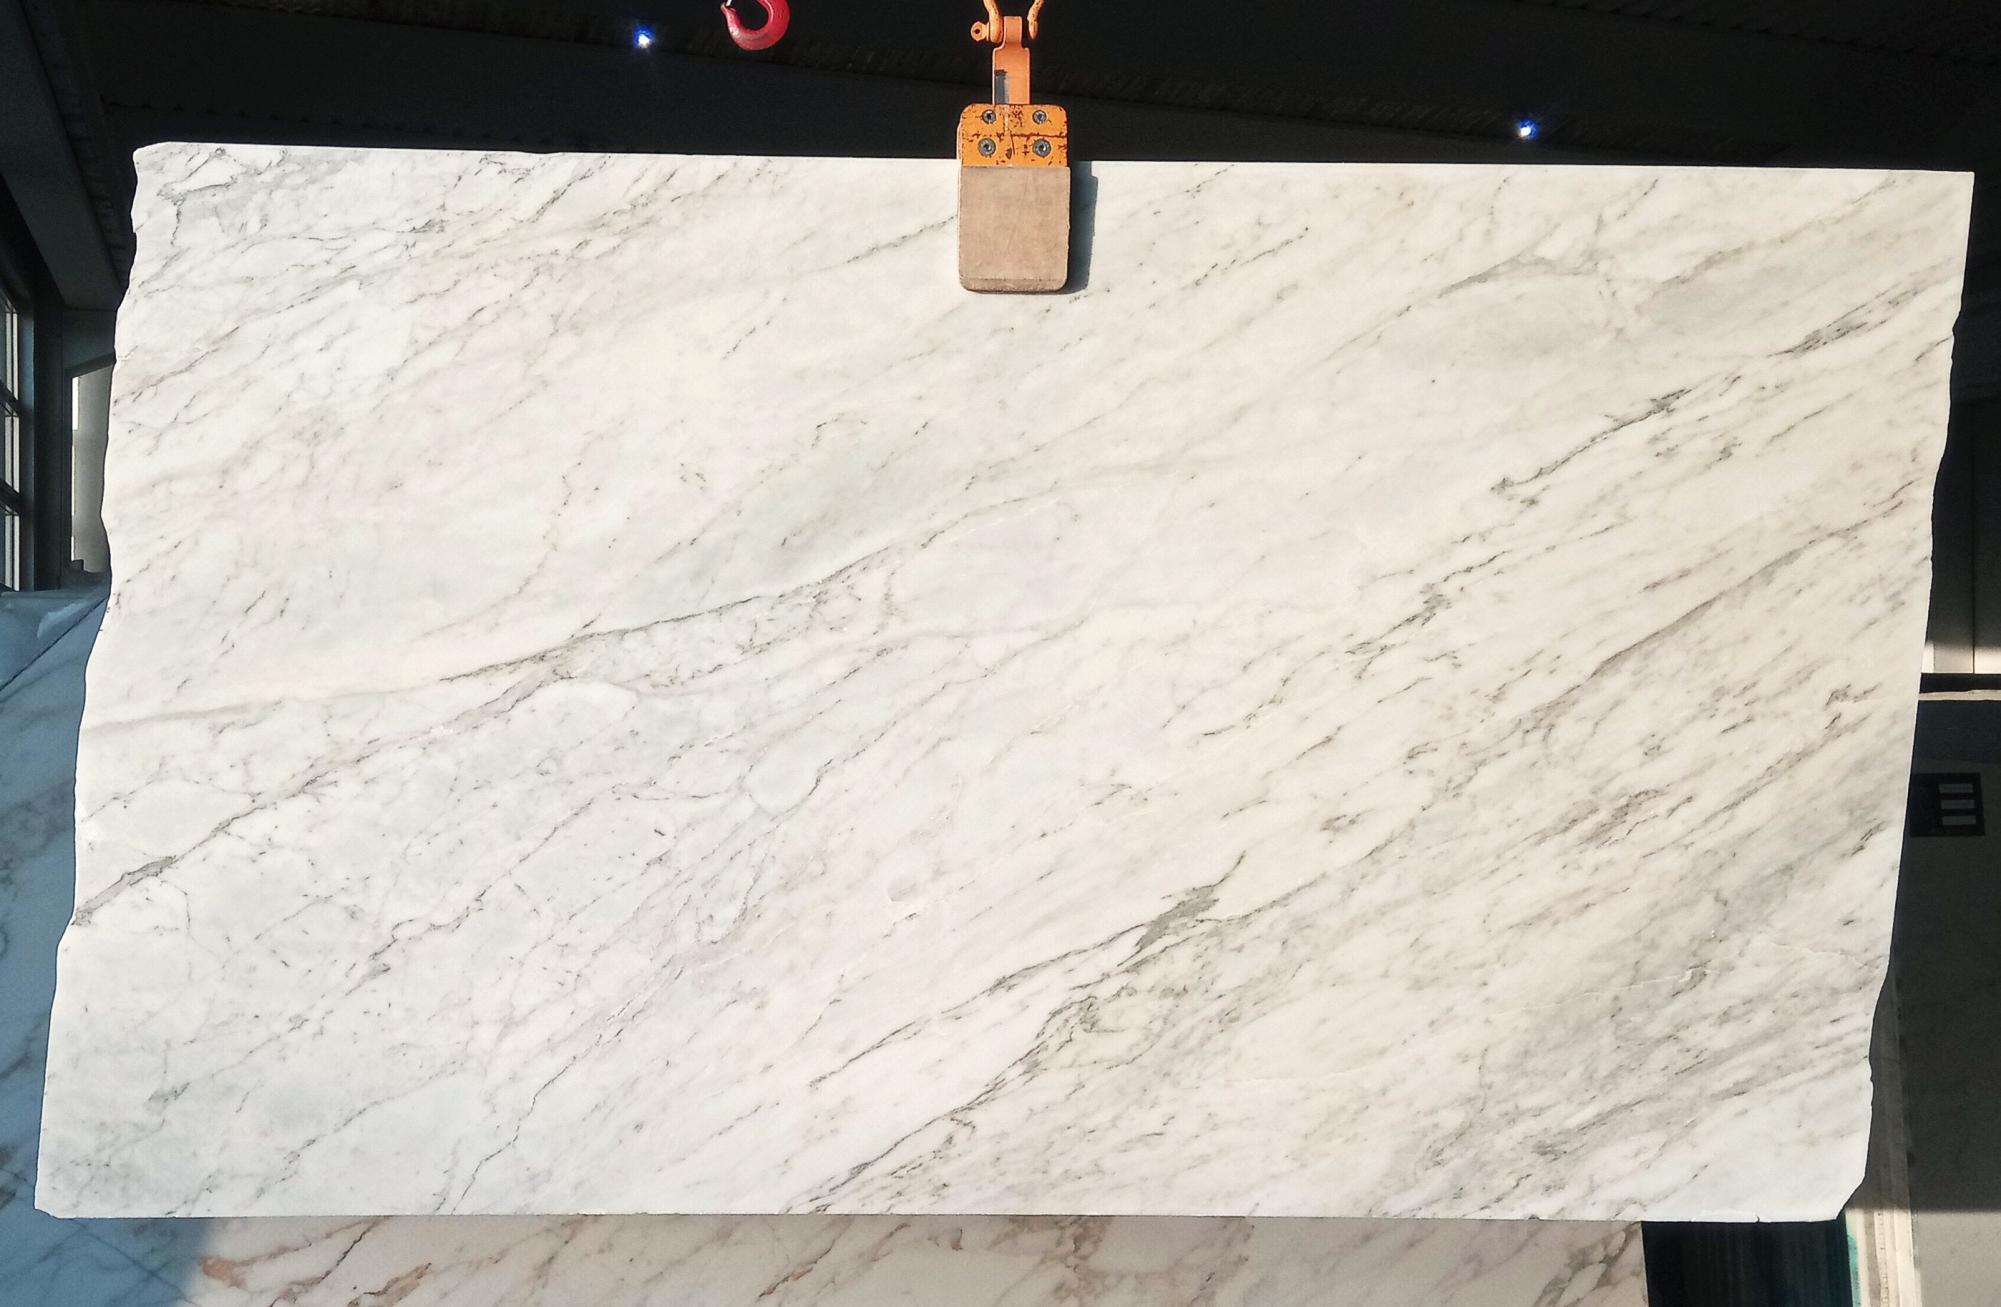 CALACATTA ARNI Fornitura Veneto (Italia) di lastre grezze lucide in marmo naturale Z0175 , Slab #50